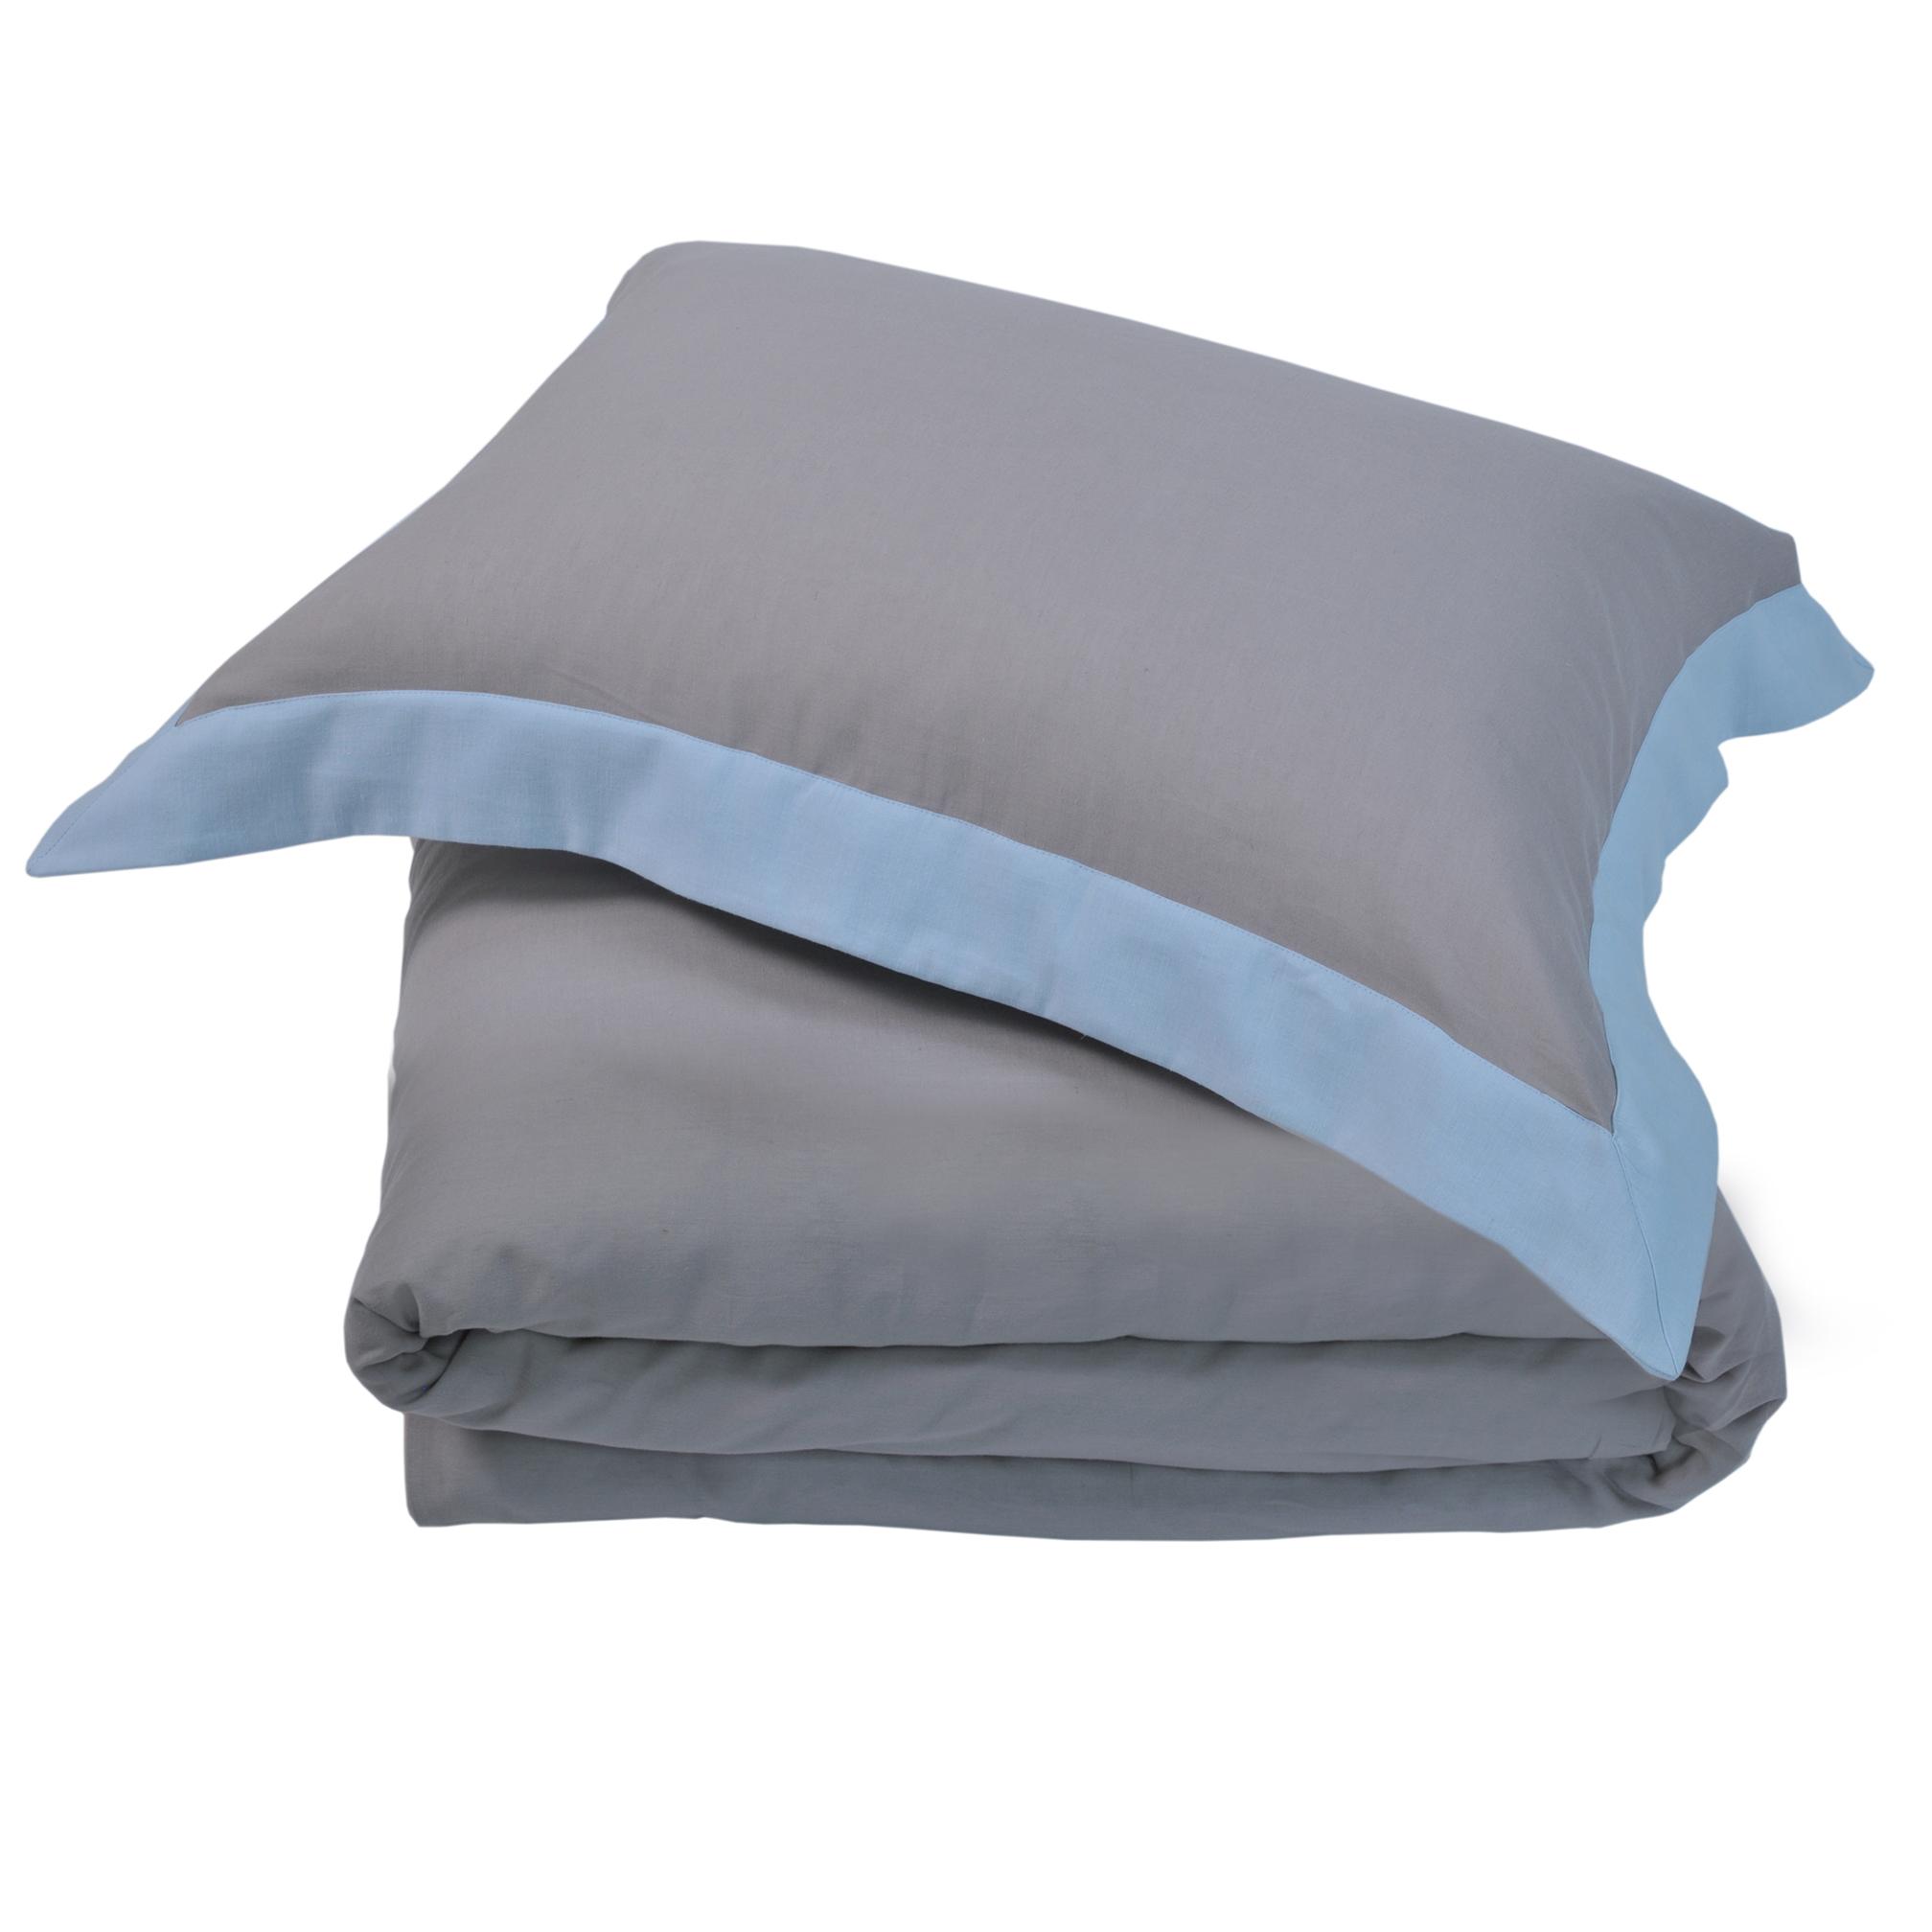 Комплекты постельного белья Постельное белье 2 спальное евро Casual Avenue Hampton дым-голубое elitnoe-postelnoe-belie-hampton-warm-gray-sky-ot-casual-avenue-turtsiya.jpg